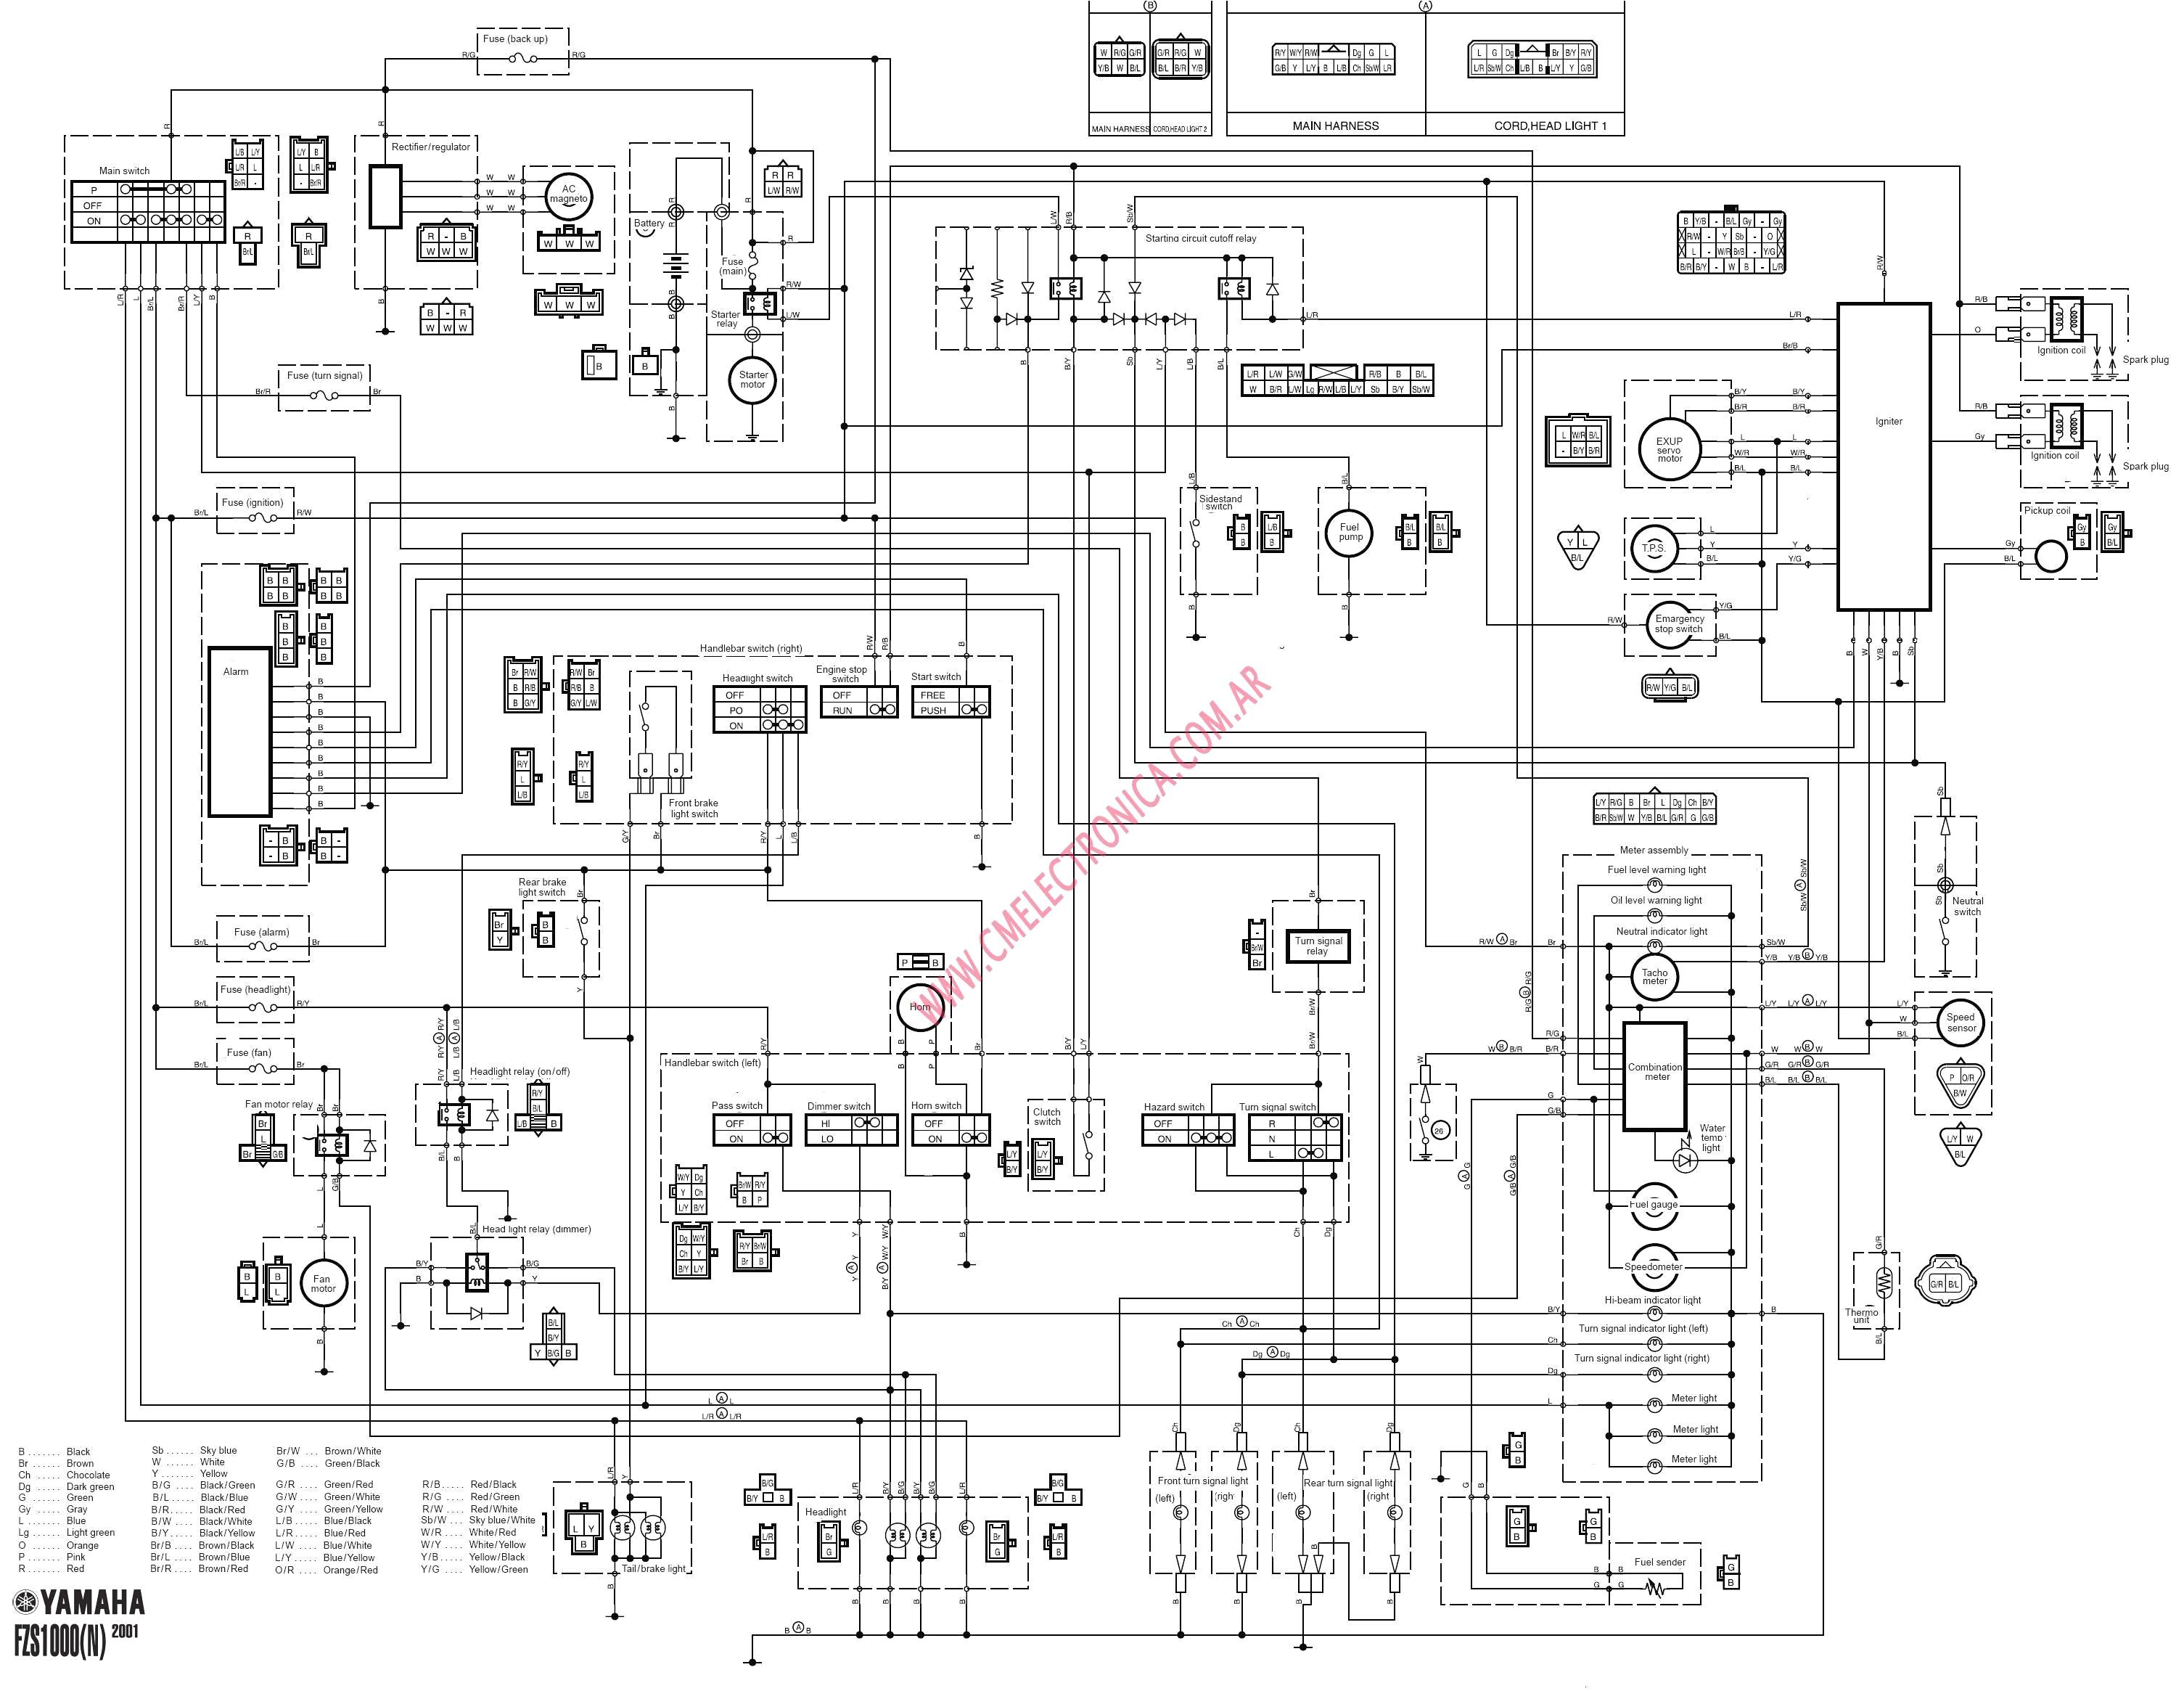 Turn Signal Wiring Diagram Harley Turn Signal Wiring Diagram Awesome Badlands Turn Signal